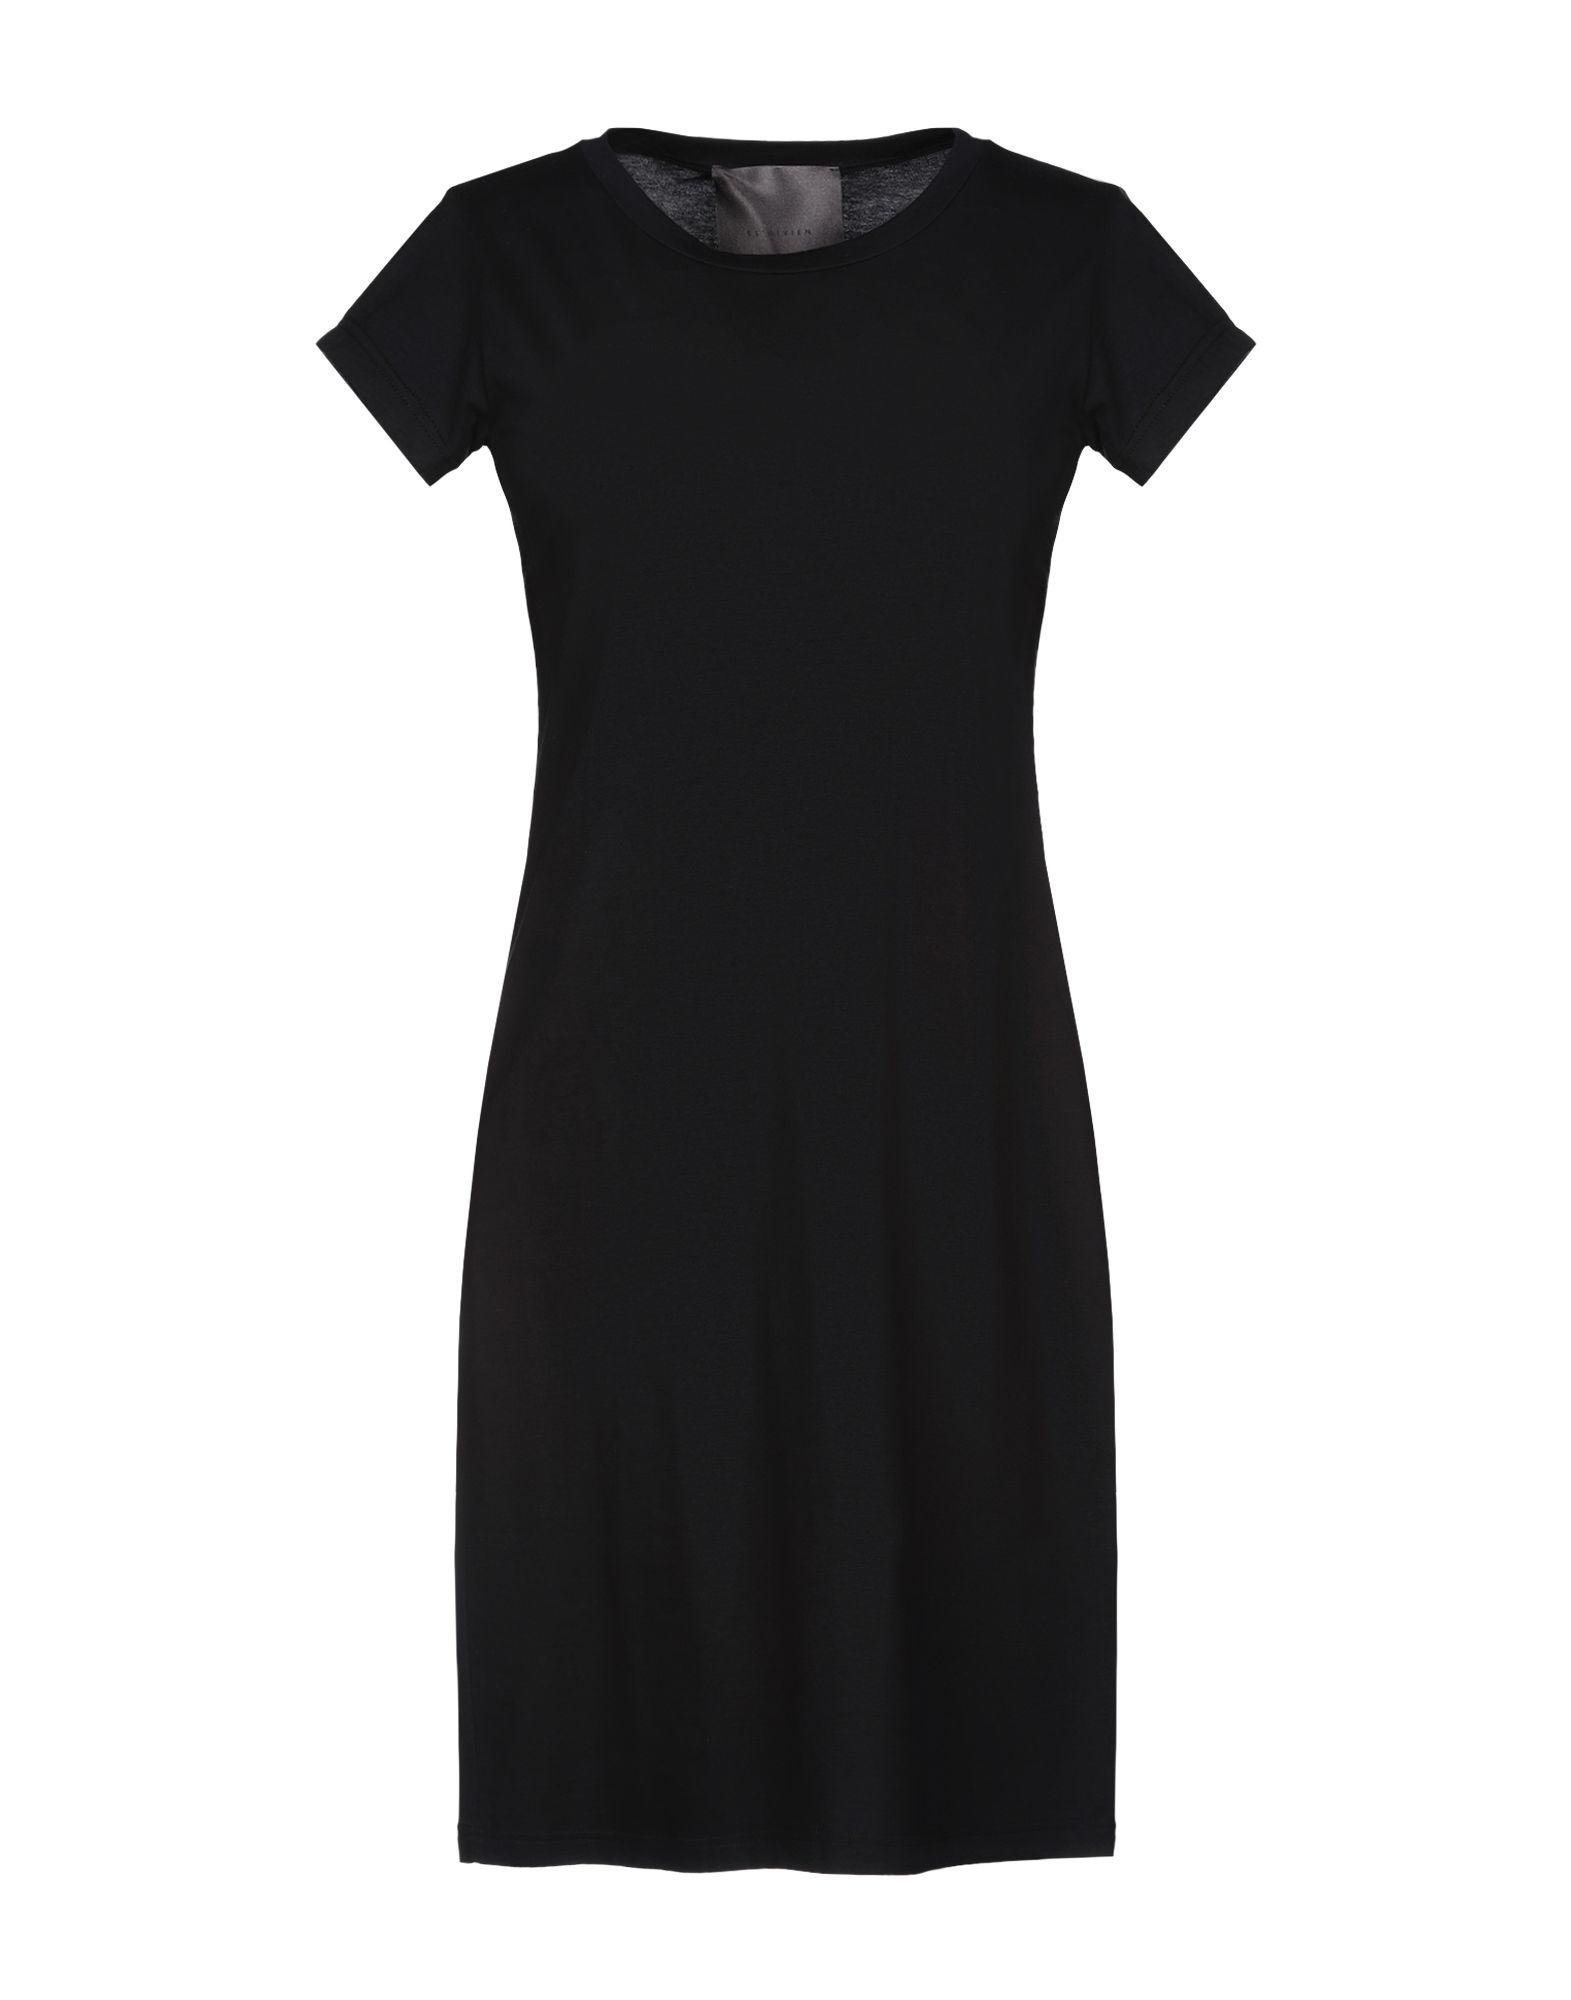 ES´GIVIEN Damen Kurzes Kleid Farbe Schwarz Größe 5